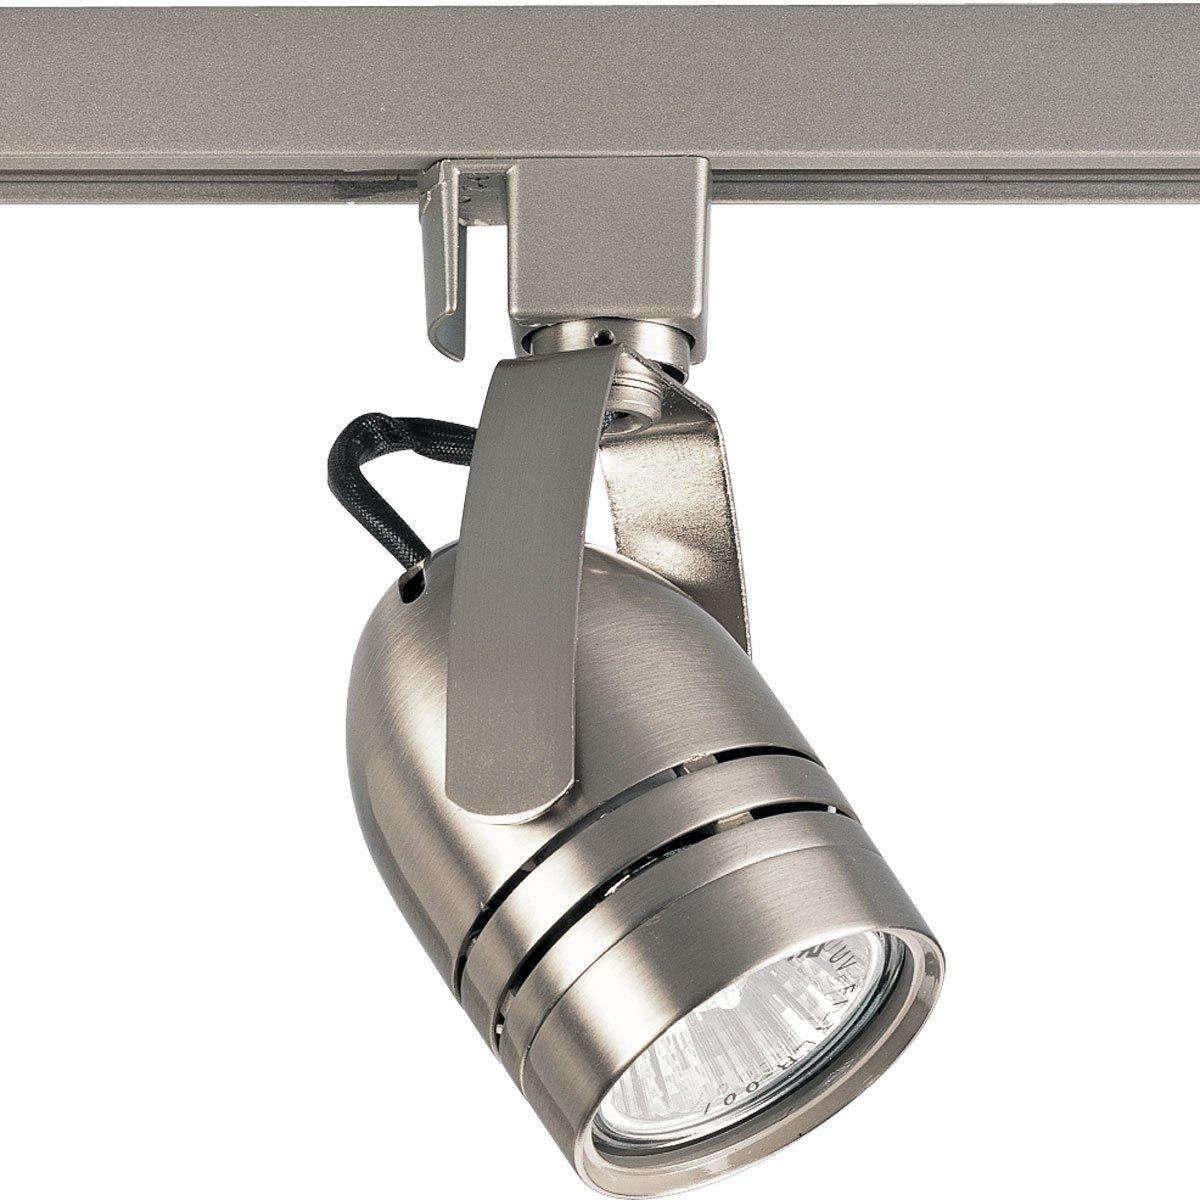 Progress Lighting P6112-09 120 Volt Line Voltage Slotted Back Cylinder Track Head, Brushed Nickel by Progress Lighting (Image #1)